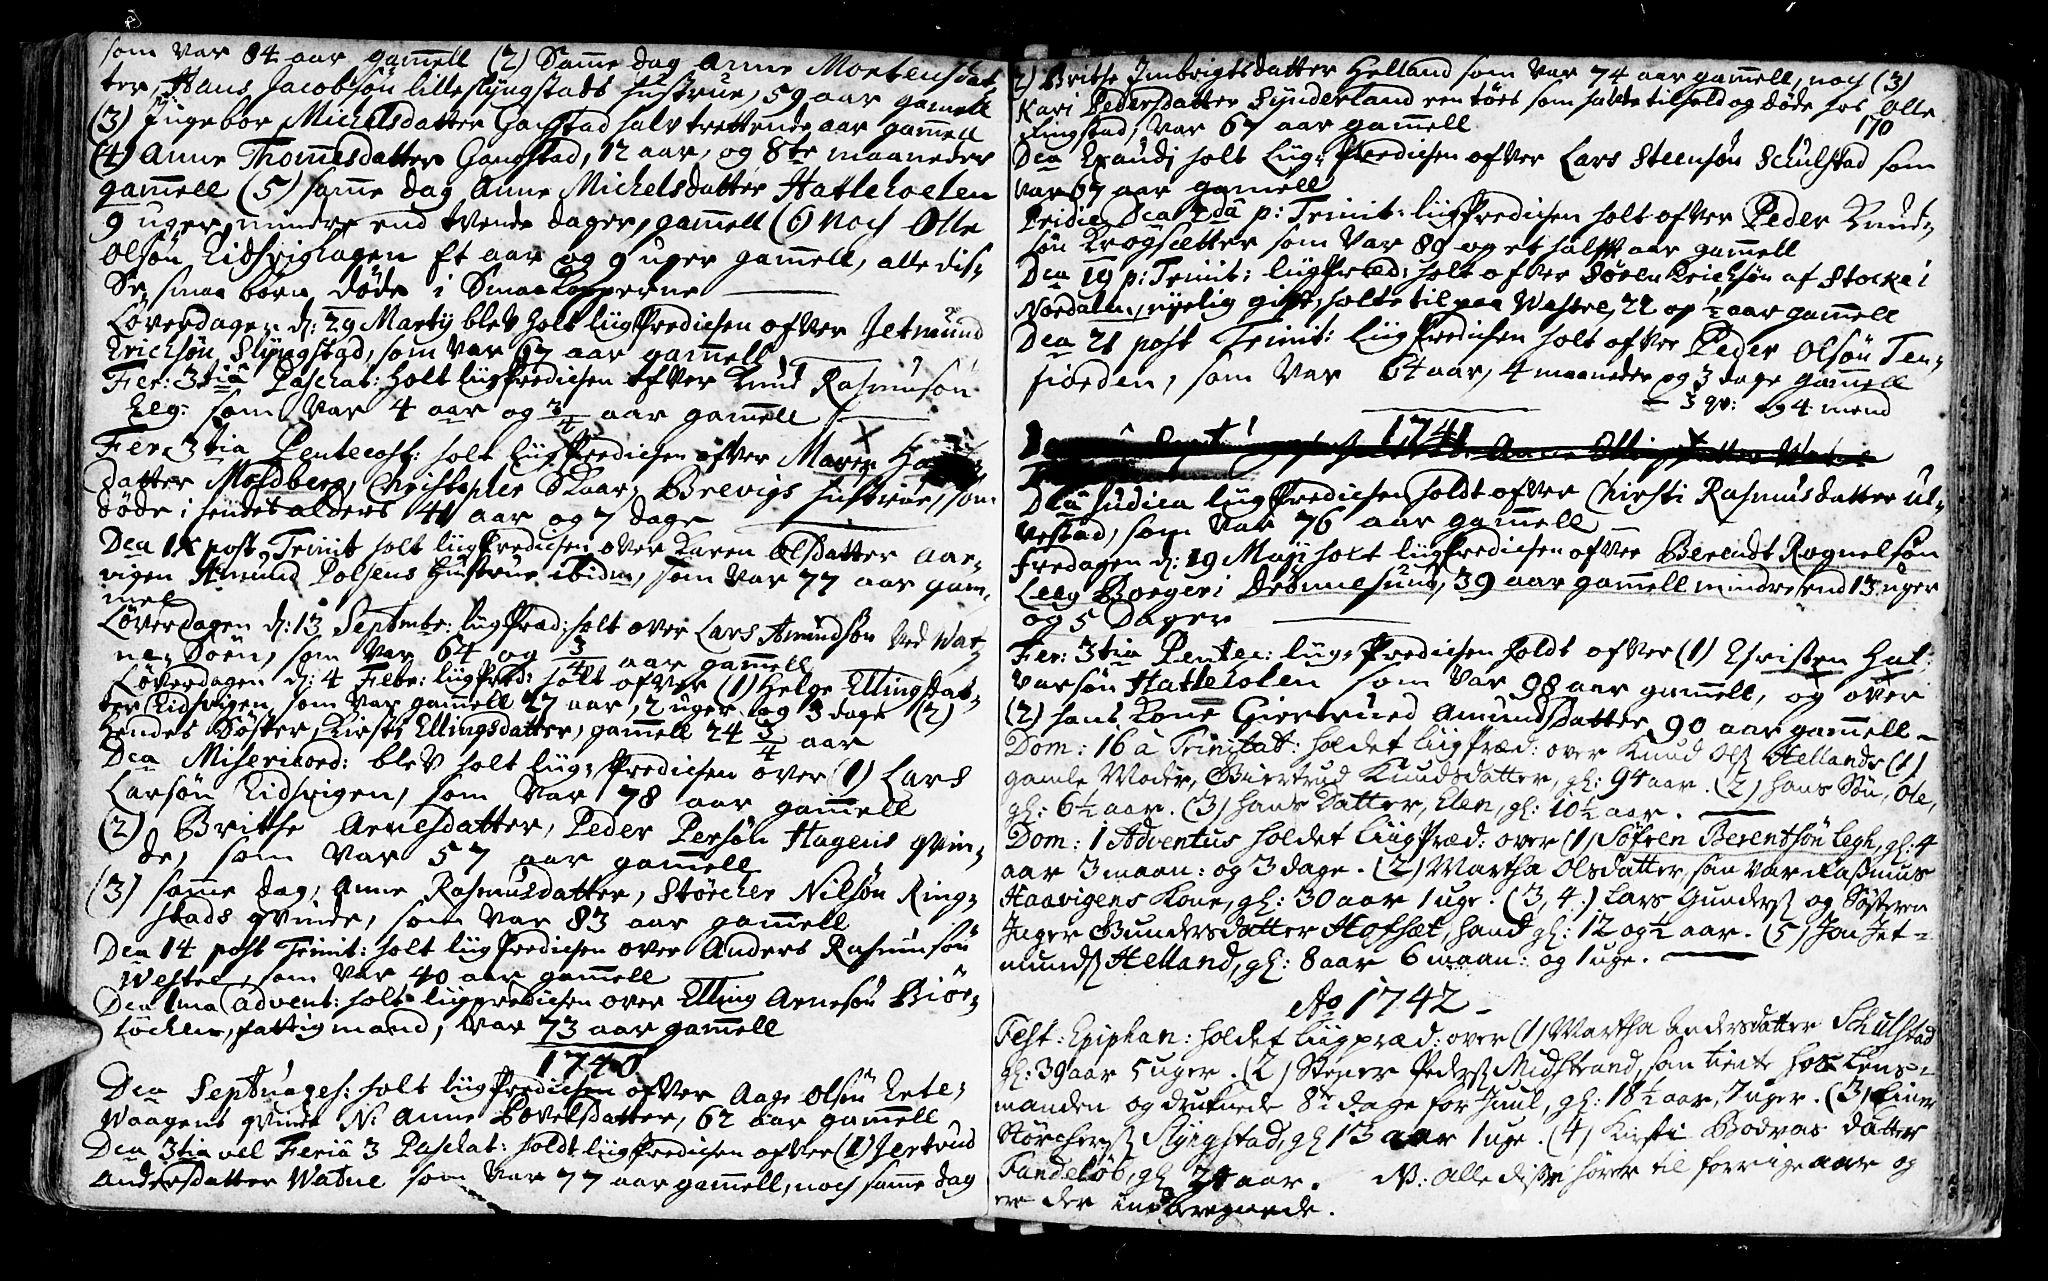 SAT, Ministerialprotokoller, klokkerbøker og fødselsregistre - Møre og Romsdal, 525/L0371: Ministerialbok nr. 525A01, 1699-1777, s. 170